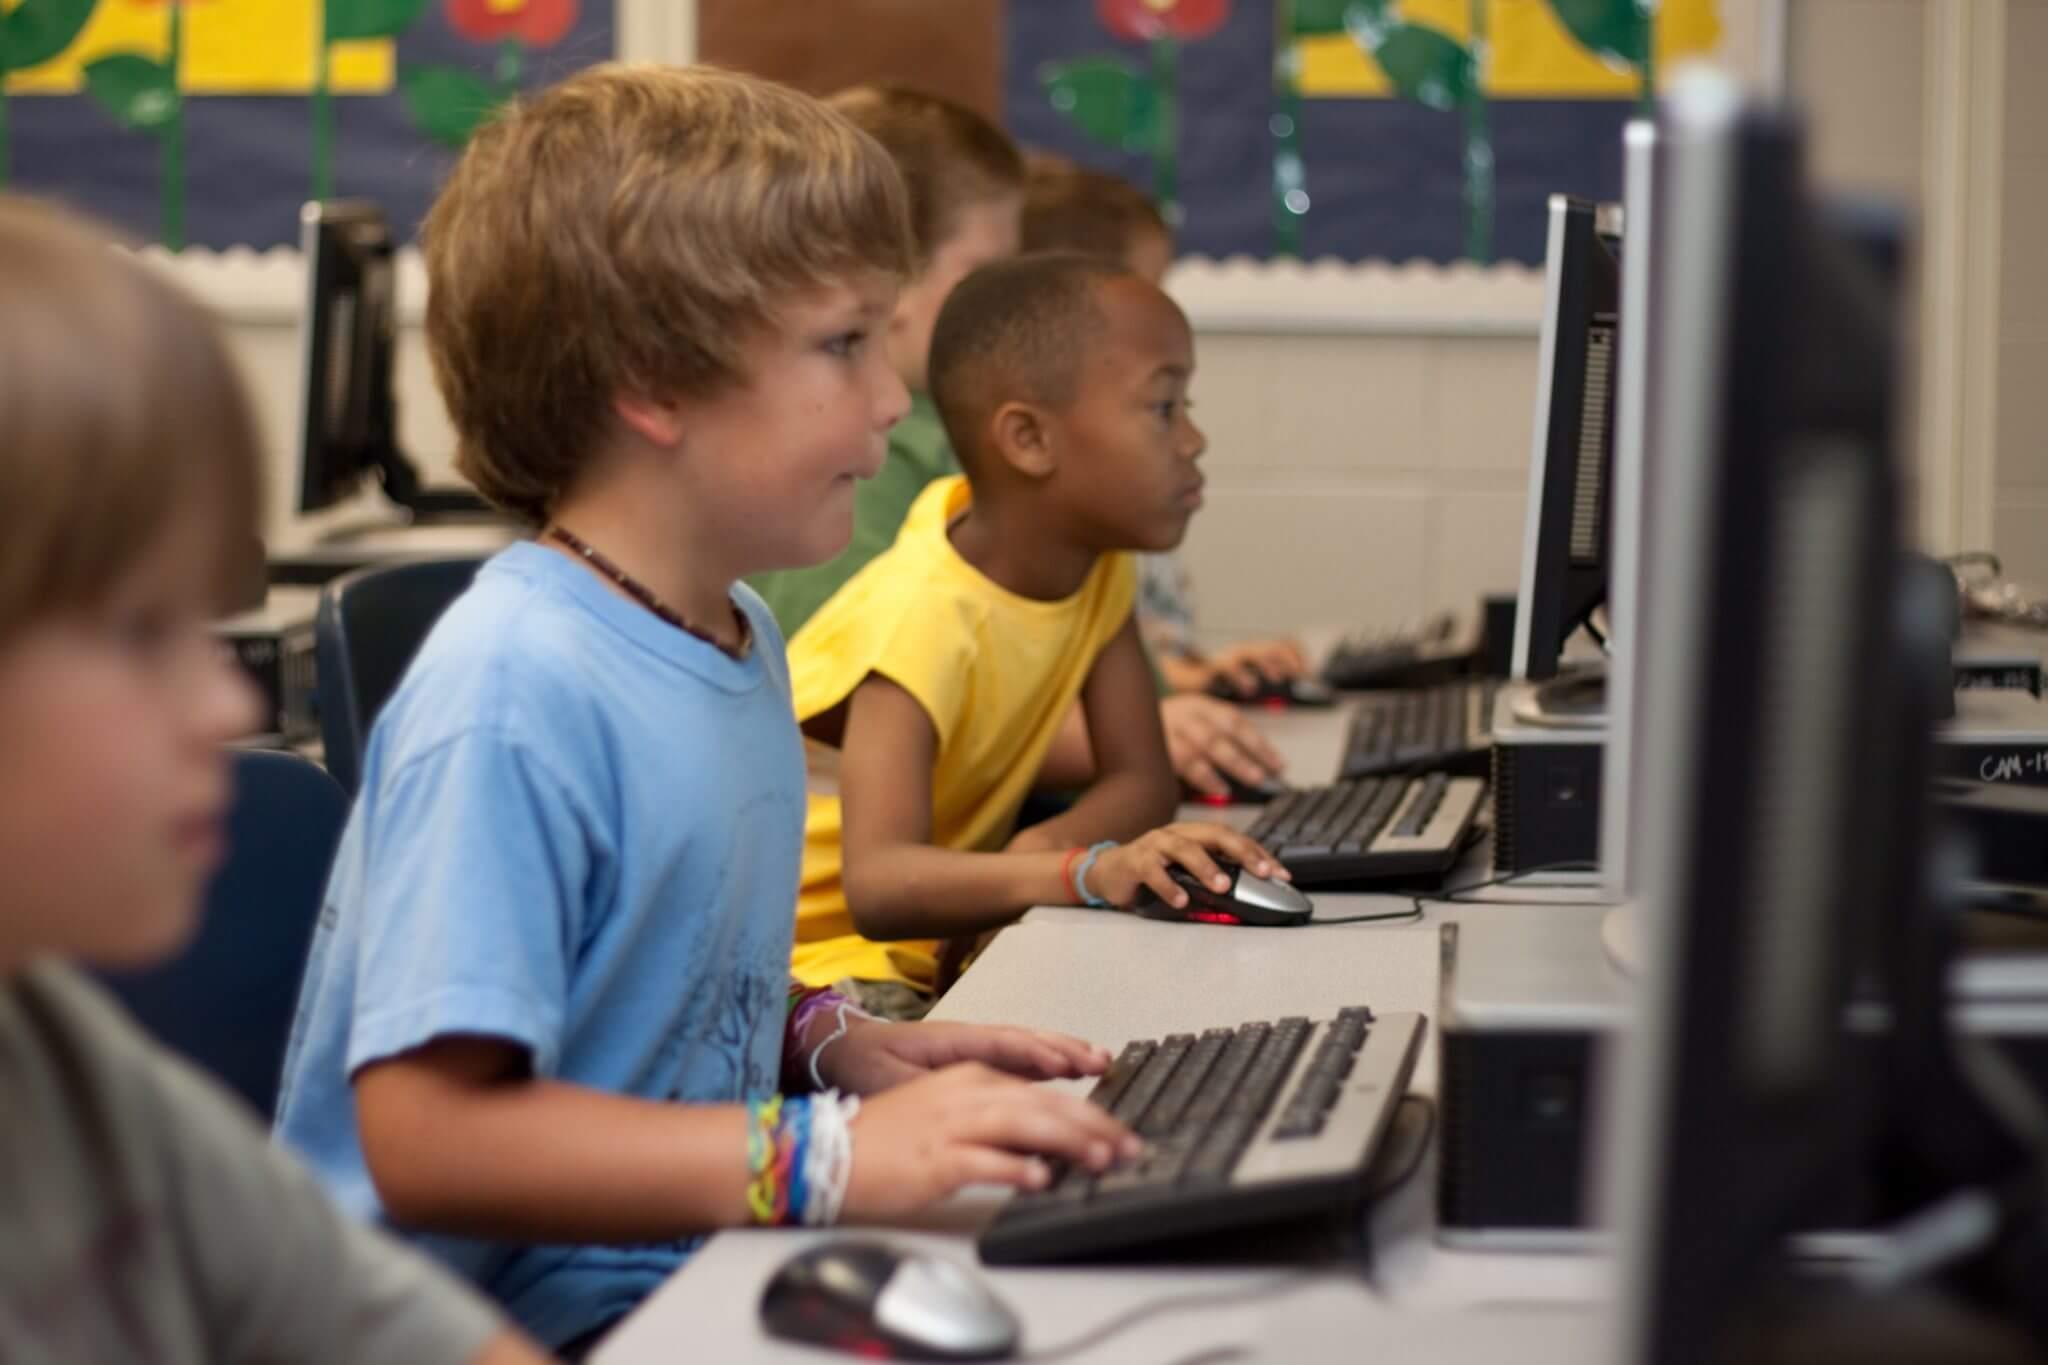 שפרגר ושות' - משרד עורך דין ביטוח, עוסקים גם בתאונות תלמידים. בתמונה: ילדים לומדים מול מחשבים